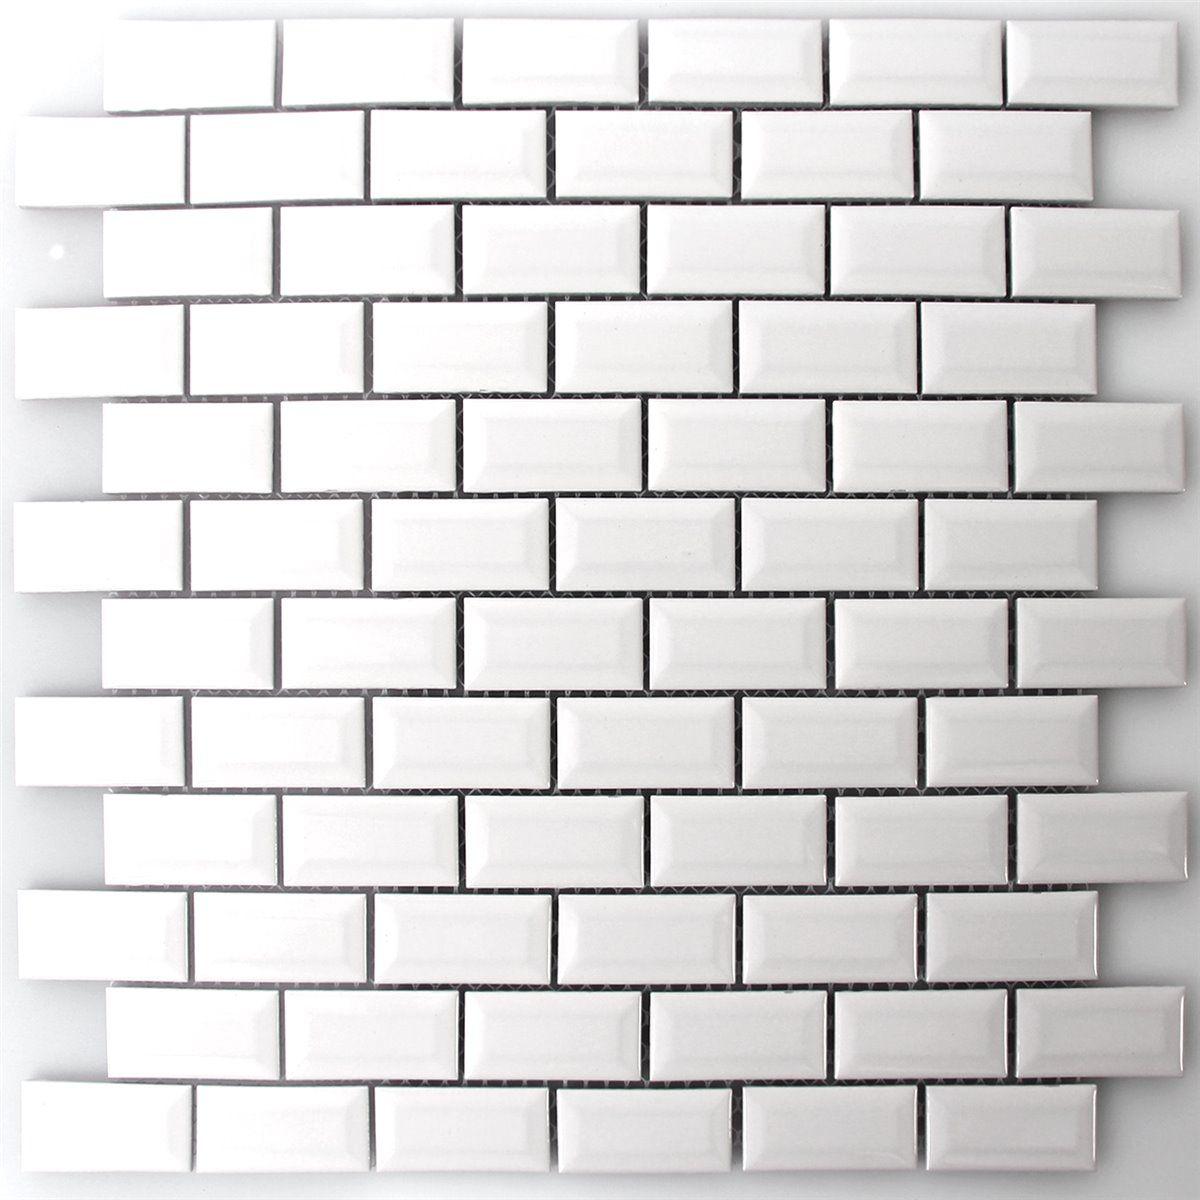 für die waschküche: keramik metro mosaik fliesen mit facette weiss ... - Fliesen Laminat Glnzend